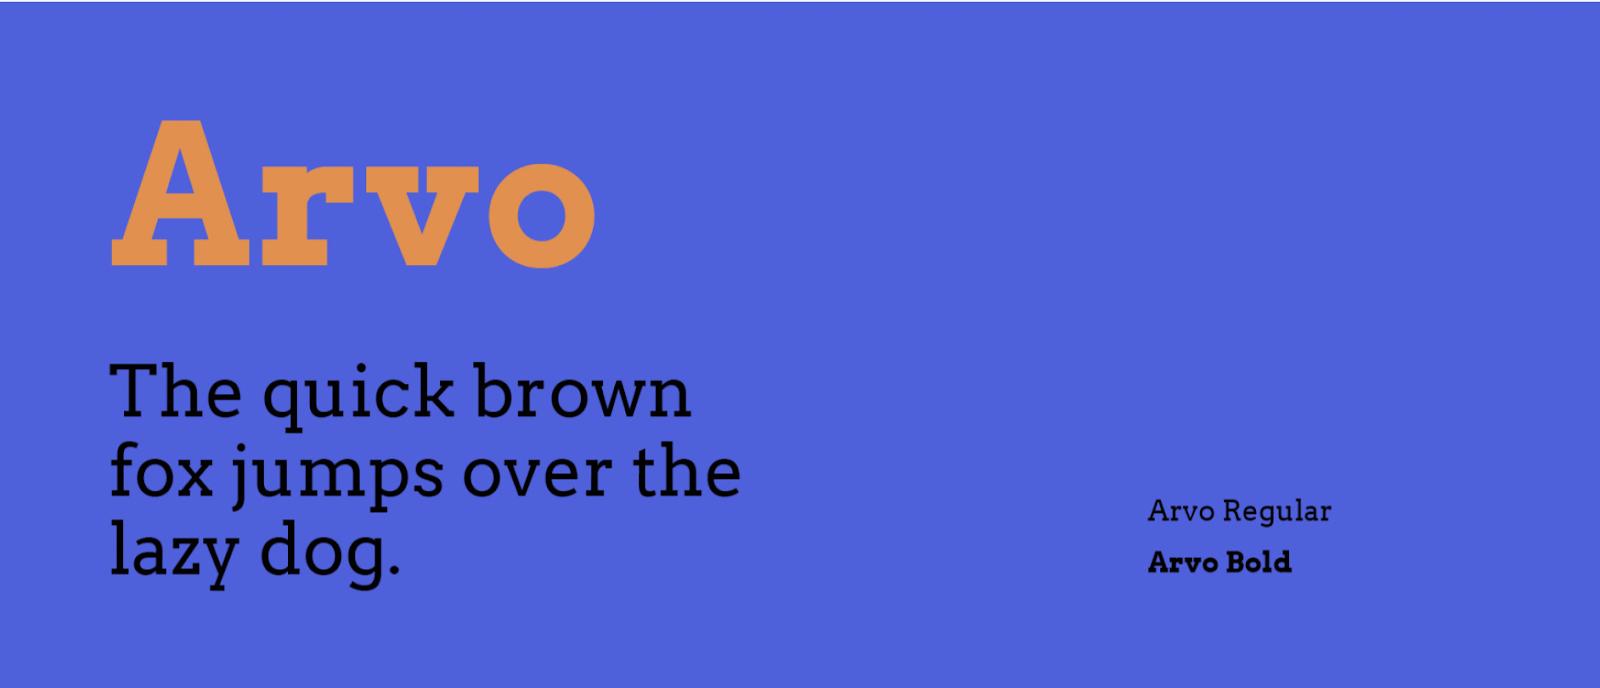 Arvo regular and Arvo bold- source